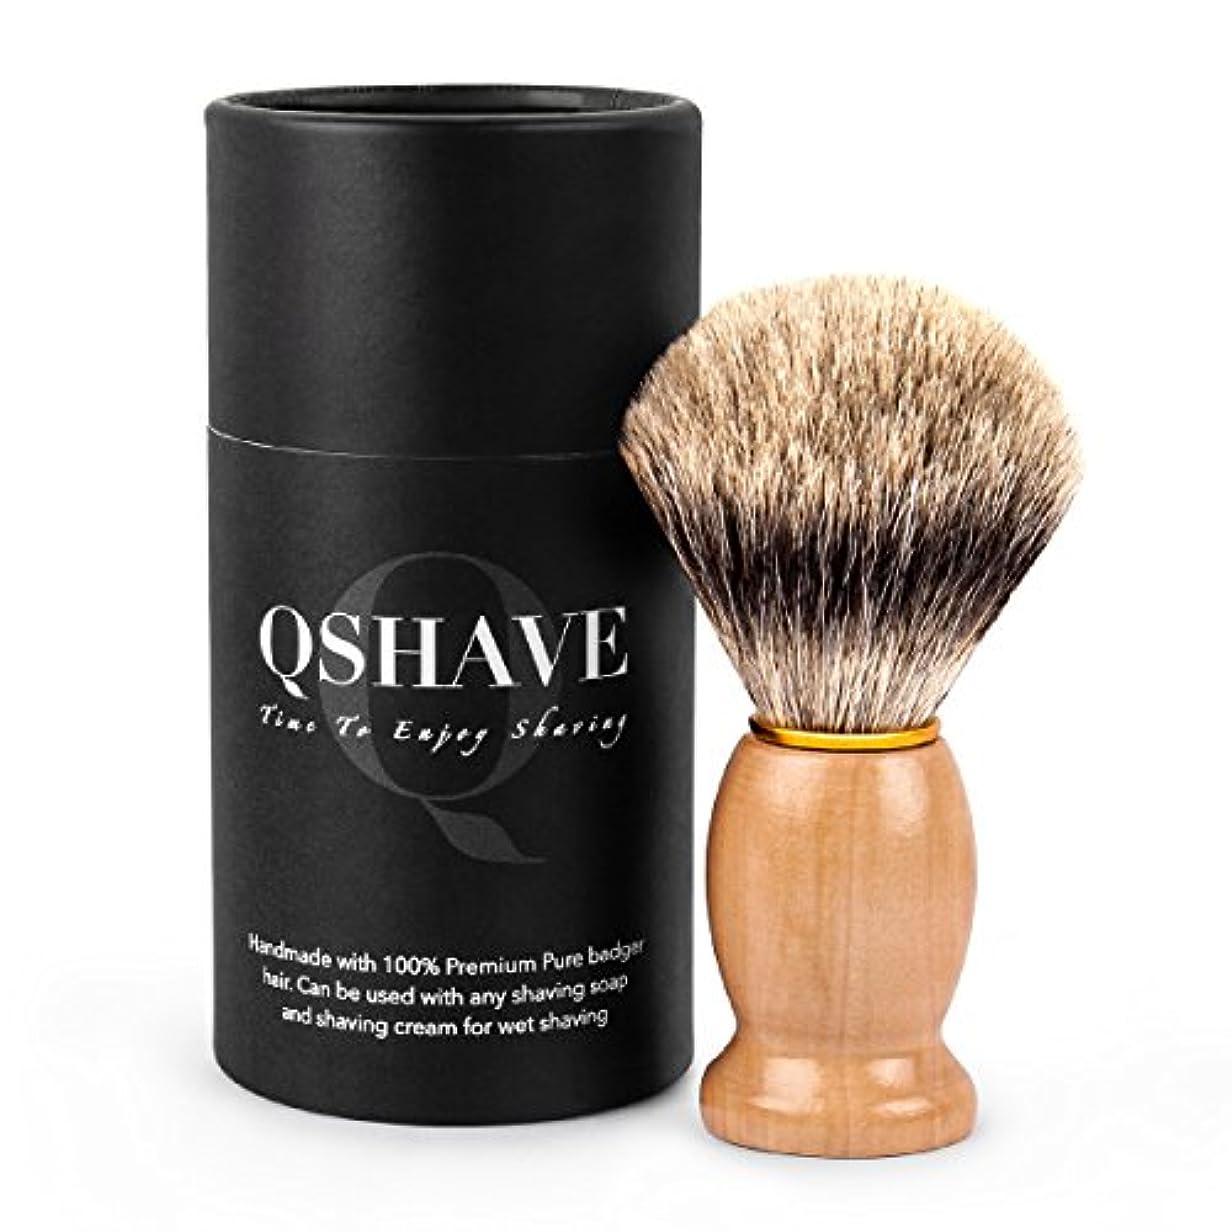 マカダム地中海マダムQSHAVE 100%最高級アナグマ毛オリジナルハンドメイドシェービングブラシ。木製ベース。ウェットシェービング、安全カミソリ、両刃カミソリに最適